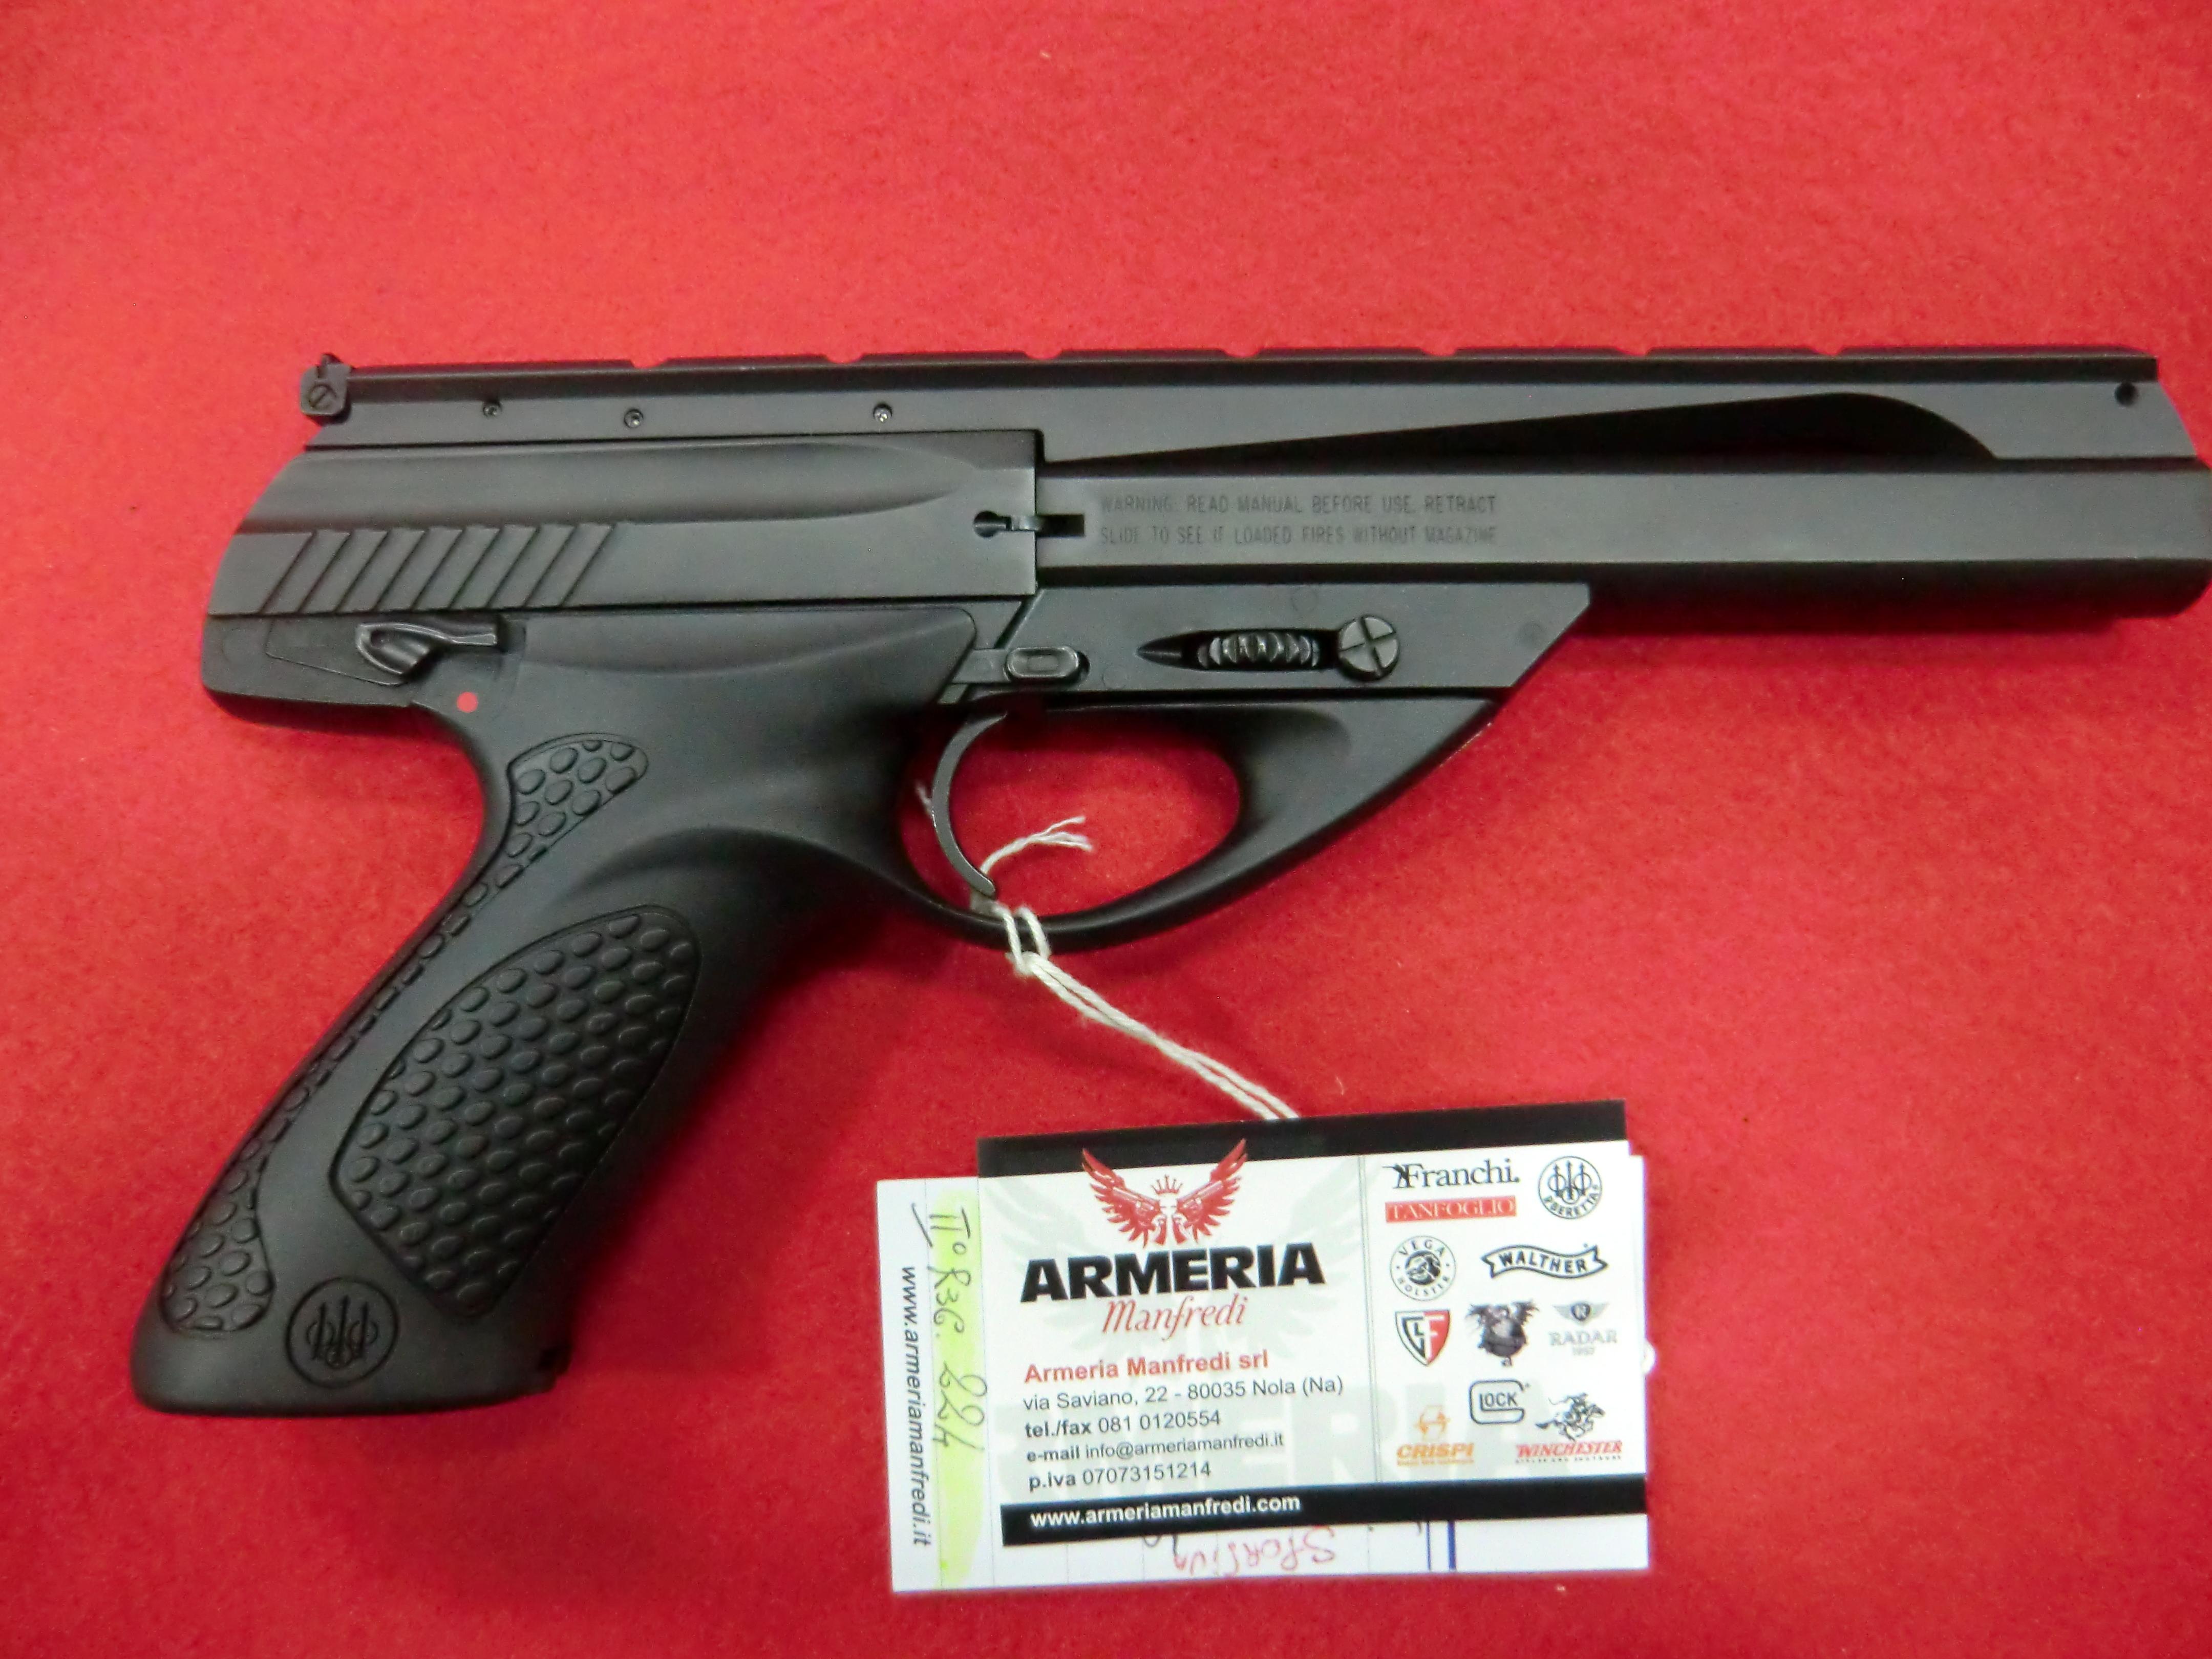 Beretta modello Neos U 22 calibro 22 LR Sportiva pari al nuovo